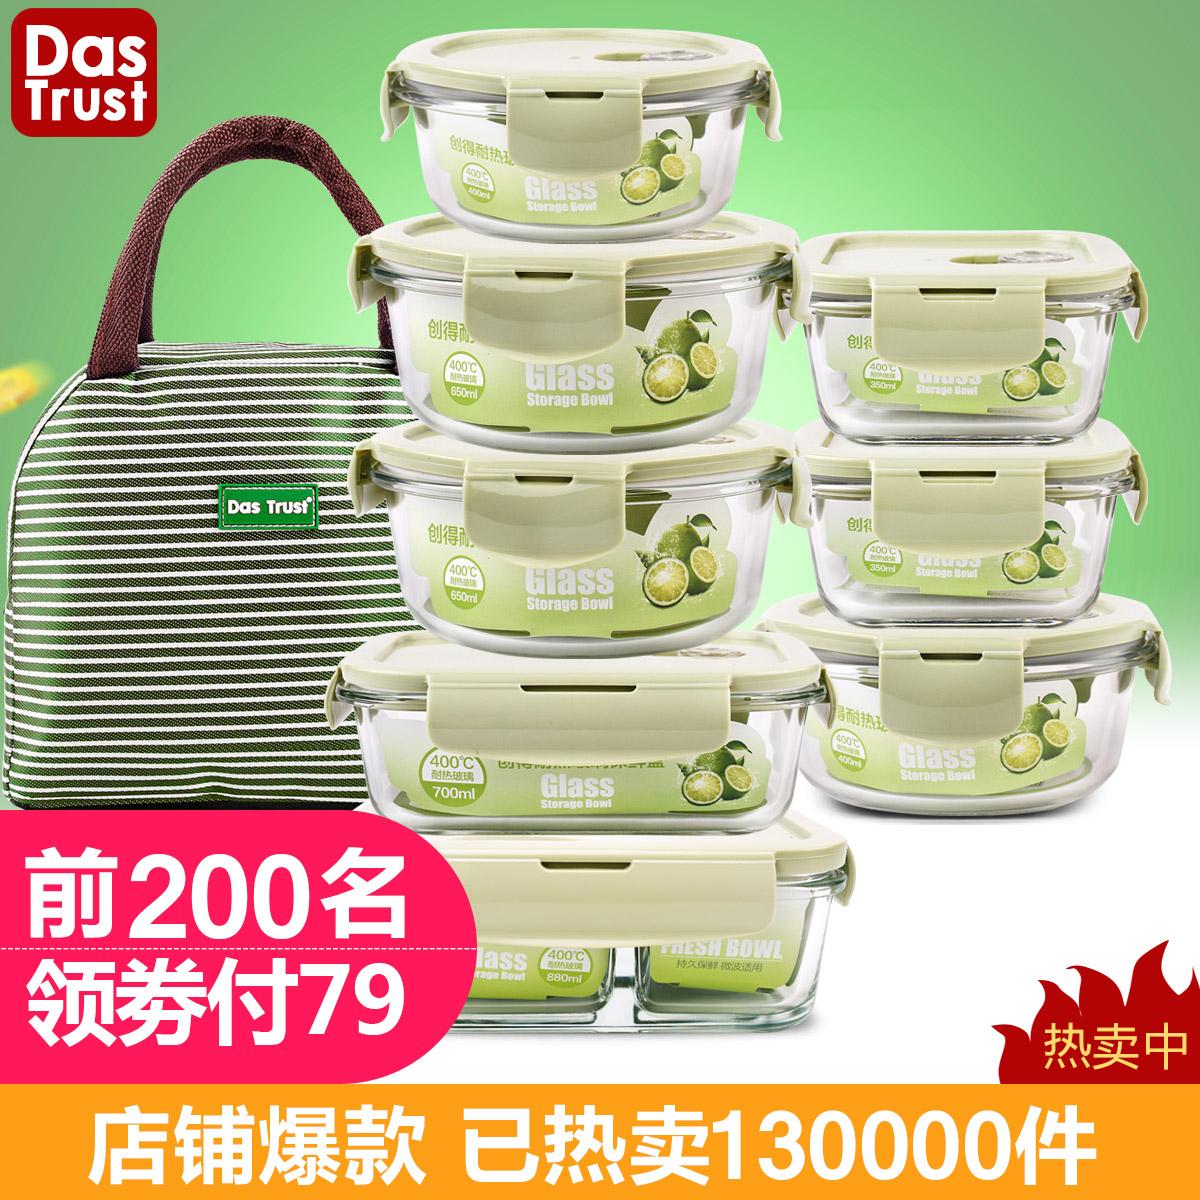 创得上班族耐热玻璃饭盒微波炉专用保鲜盒收纳带盖玻璃碗8件套装